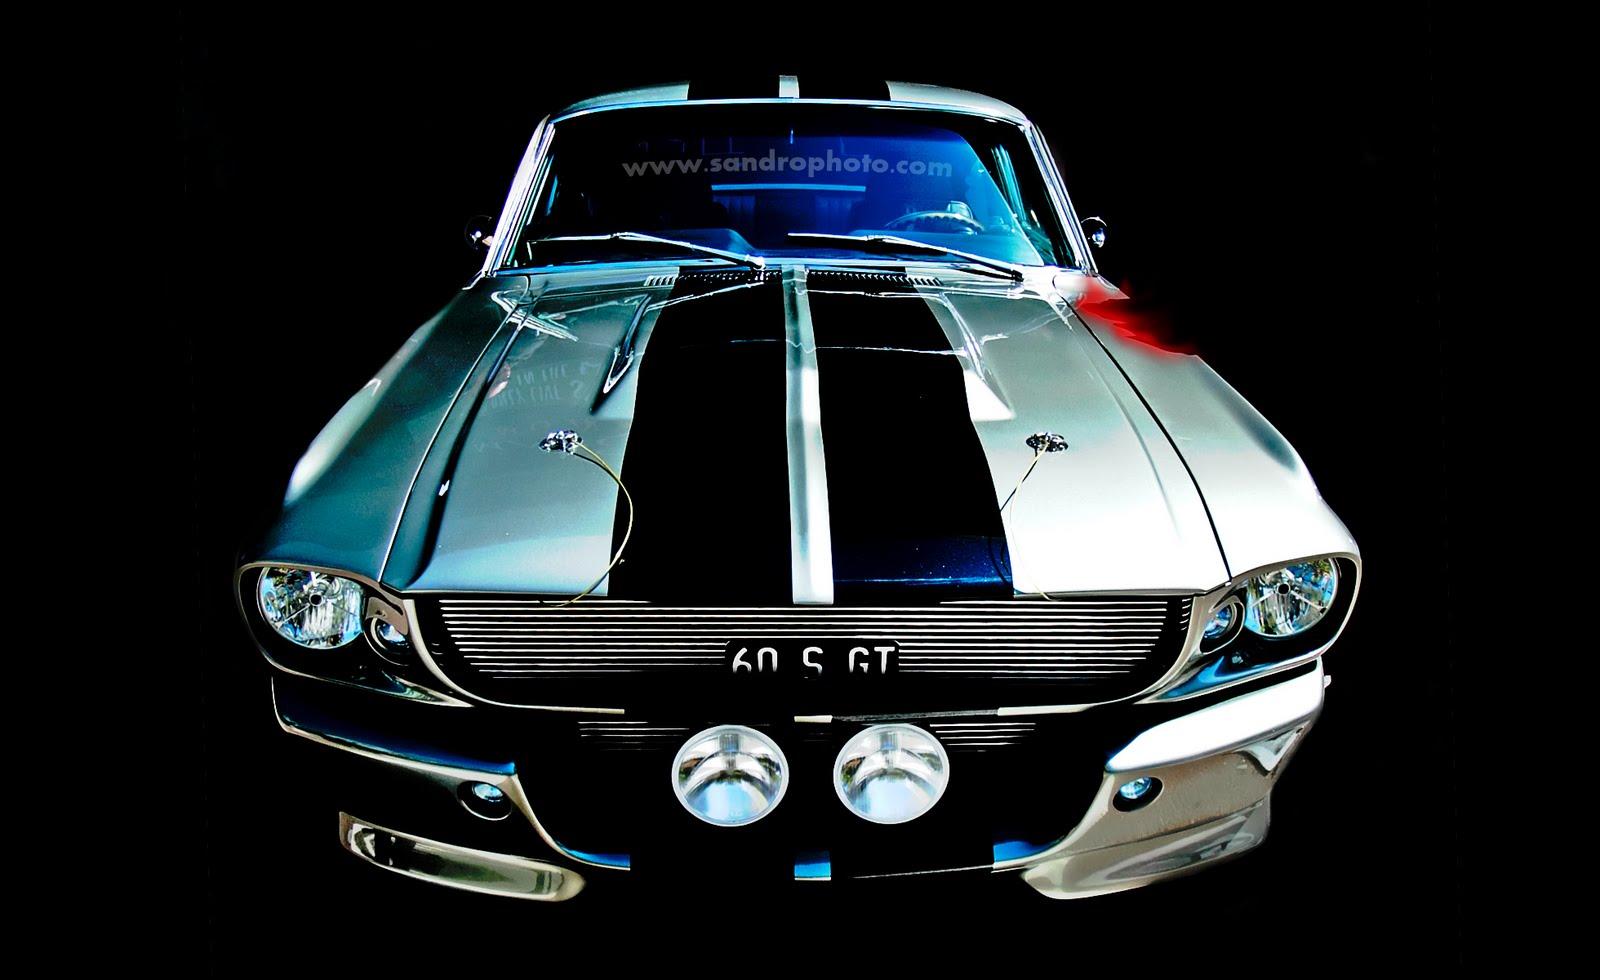 http://4.bp.blogspot.com/_dXE63lwcSrk/THQQnETNXkI/AAAAAAAACoA/5_kNKtUEH9A/s1600/muscle-car-wallpaper-mustang-60s-gt.jpg